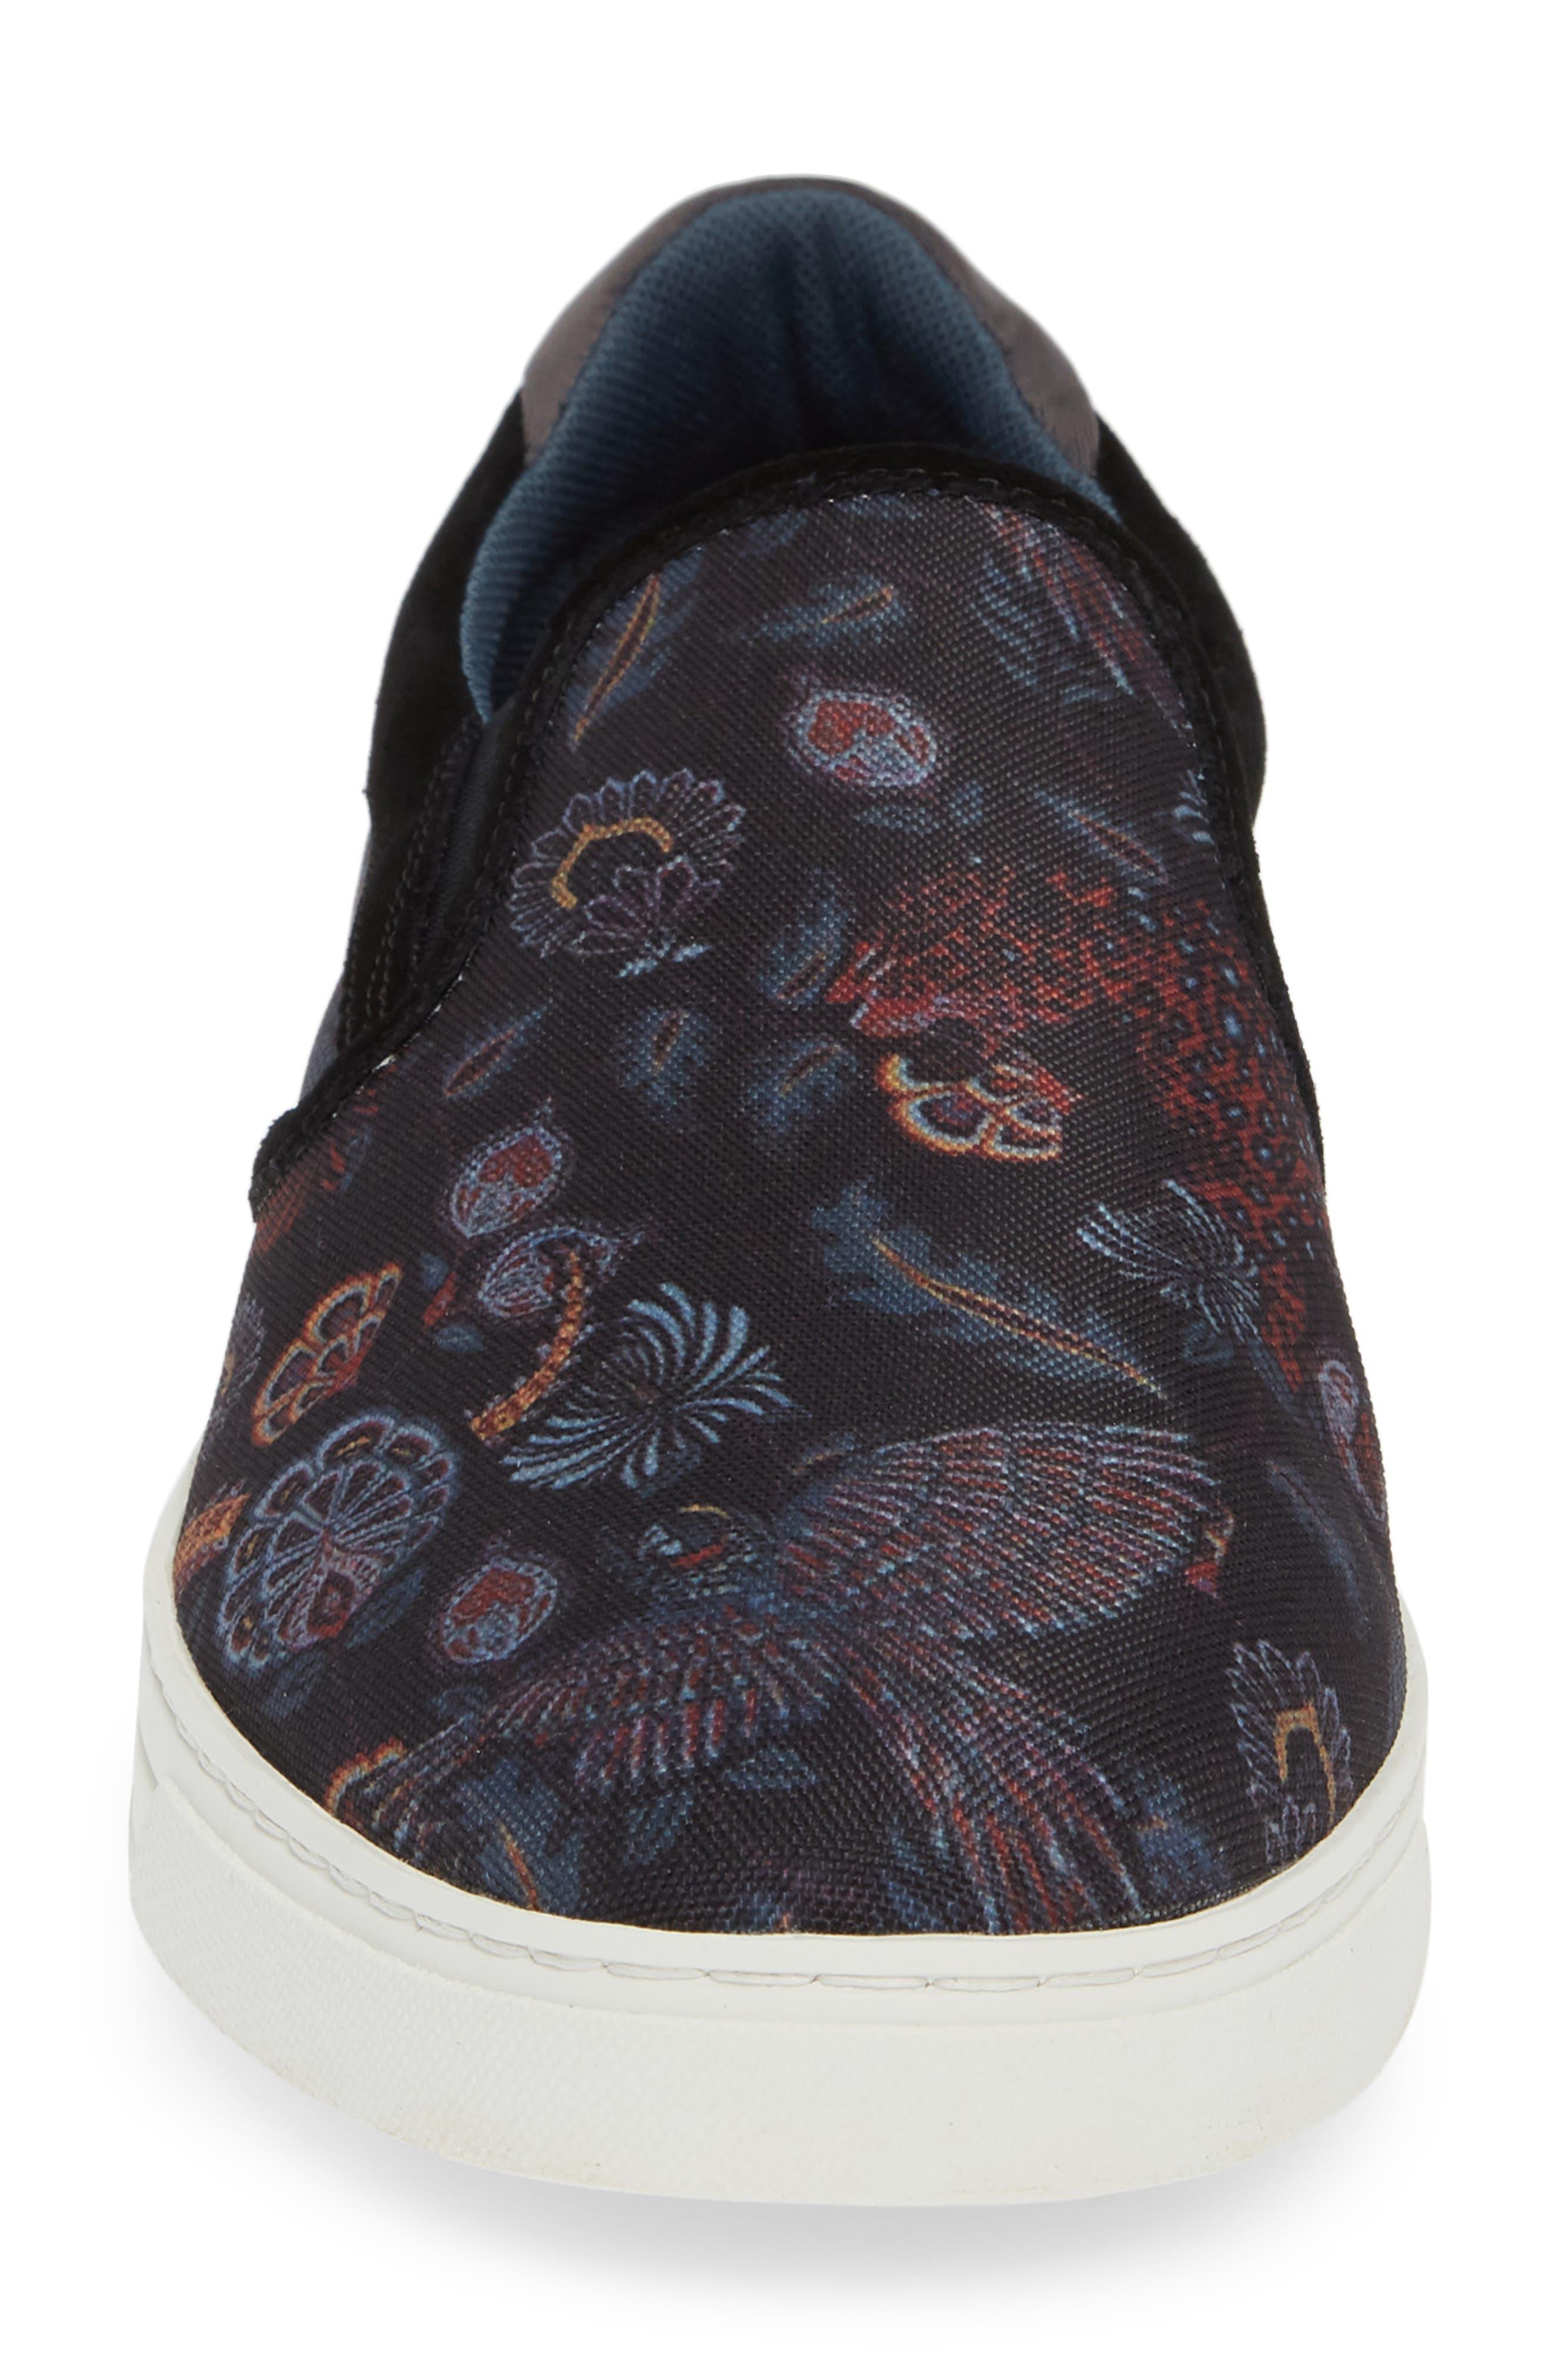 TED BAKER LONDON, Mhako Slip-On Sneaker, Alternate thumbnail 4, color, BLACK/ GREY